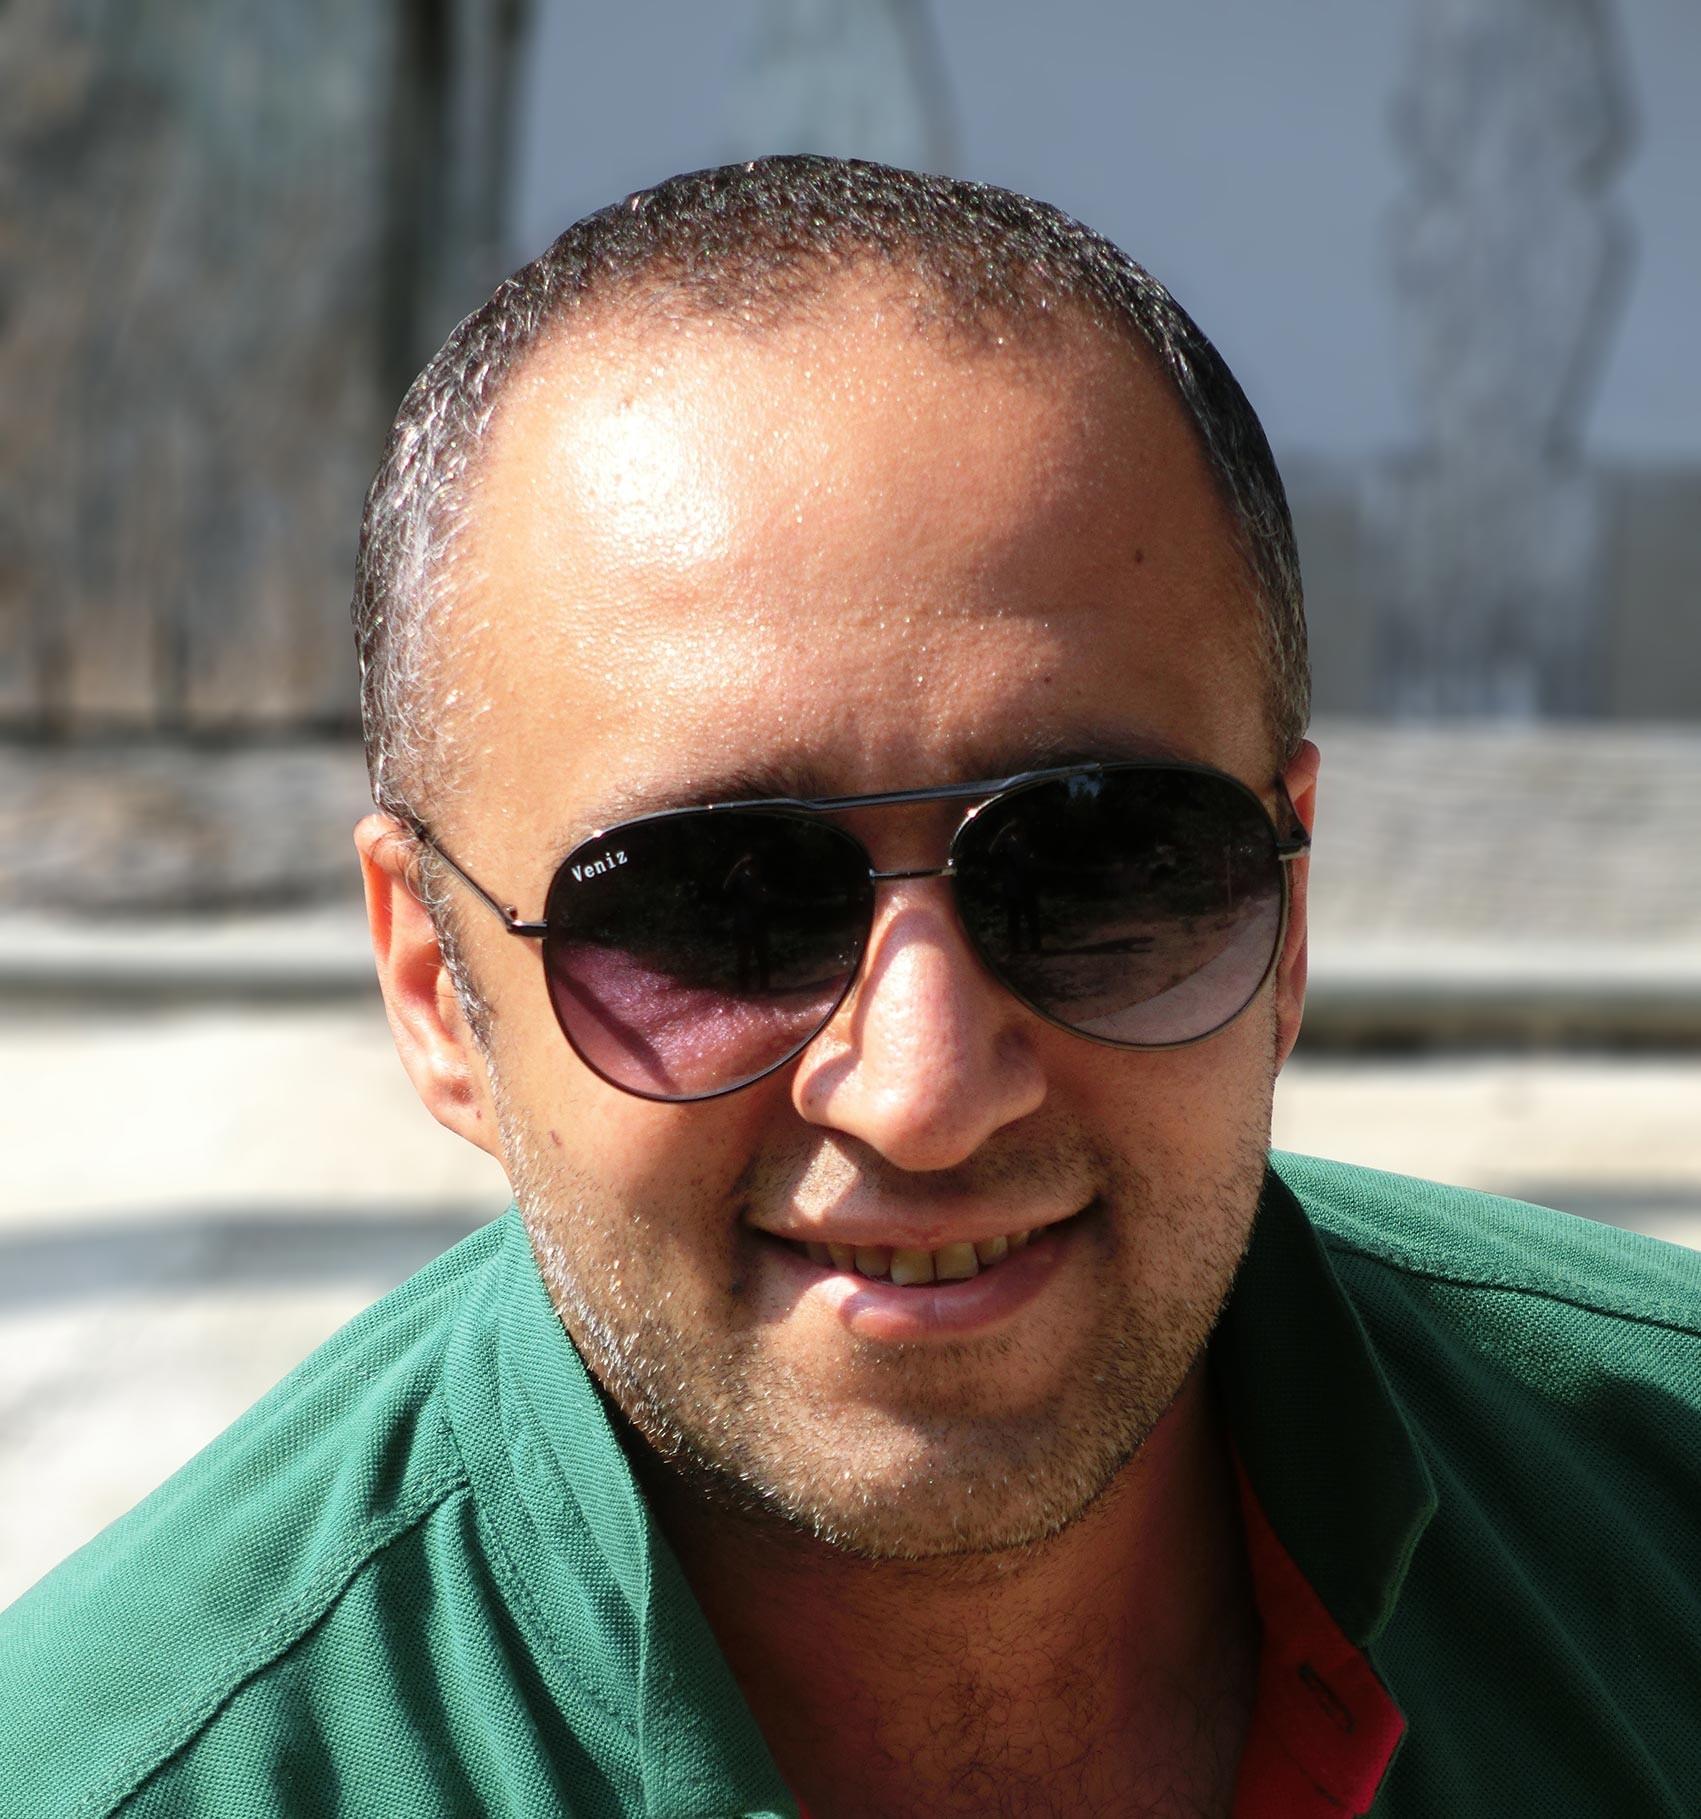 Go to mostafa bijani's profile